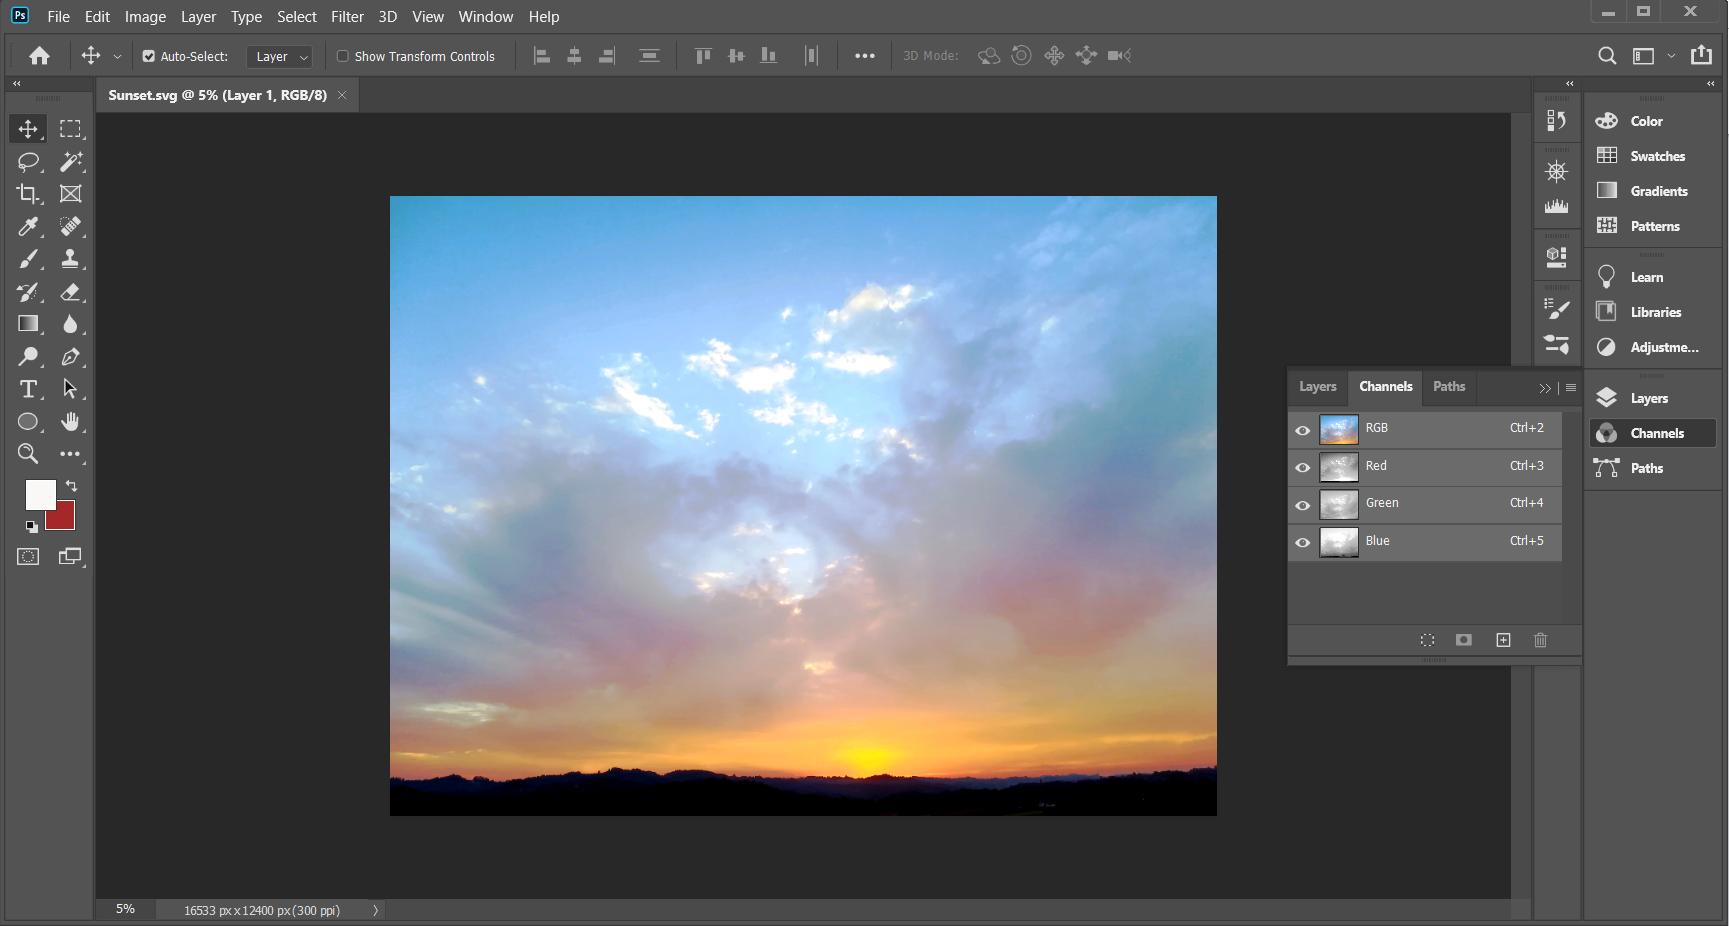 Best image file formats - SVG